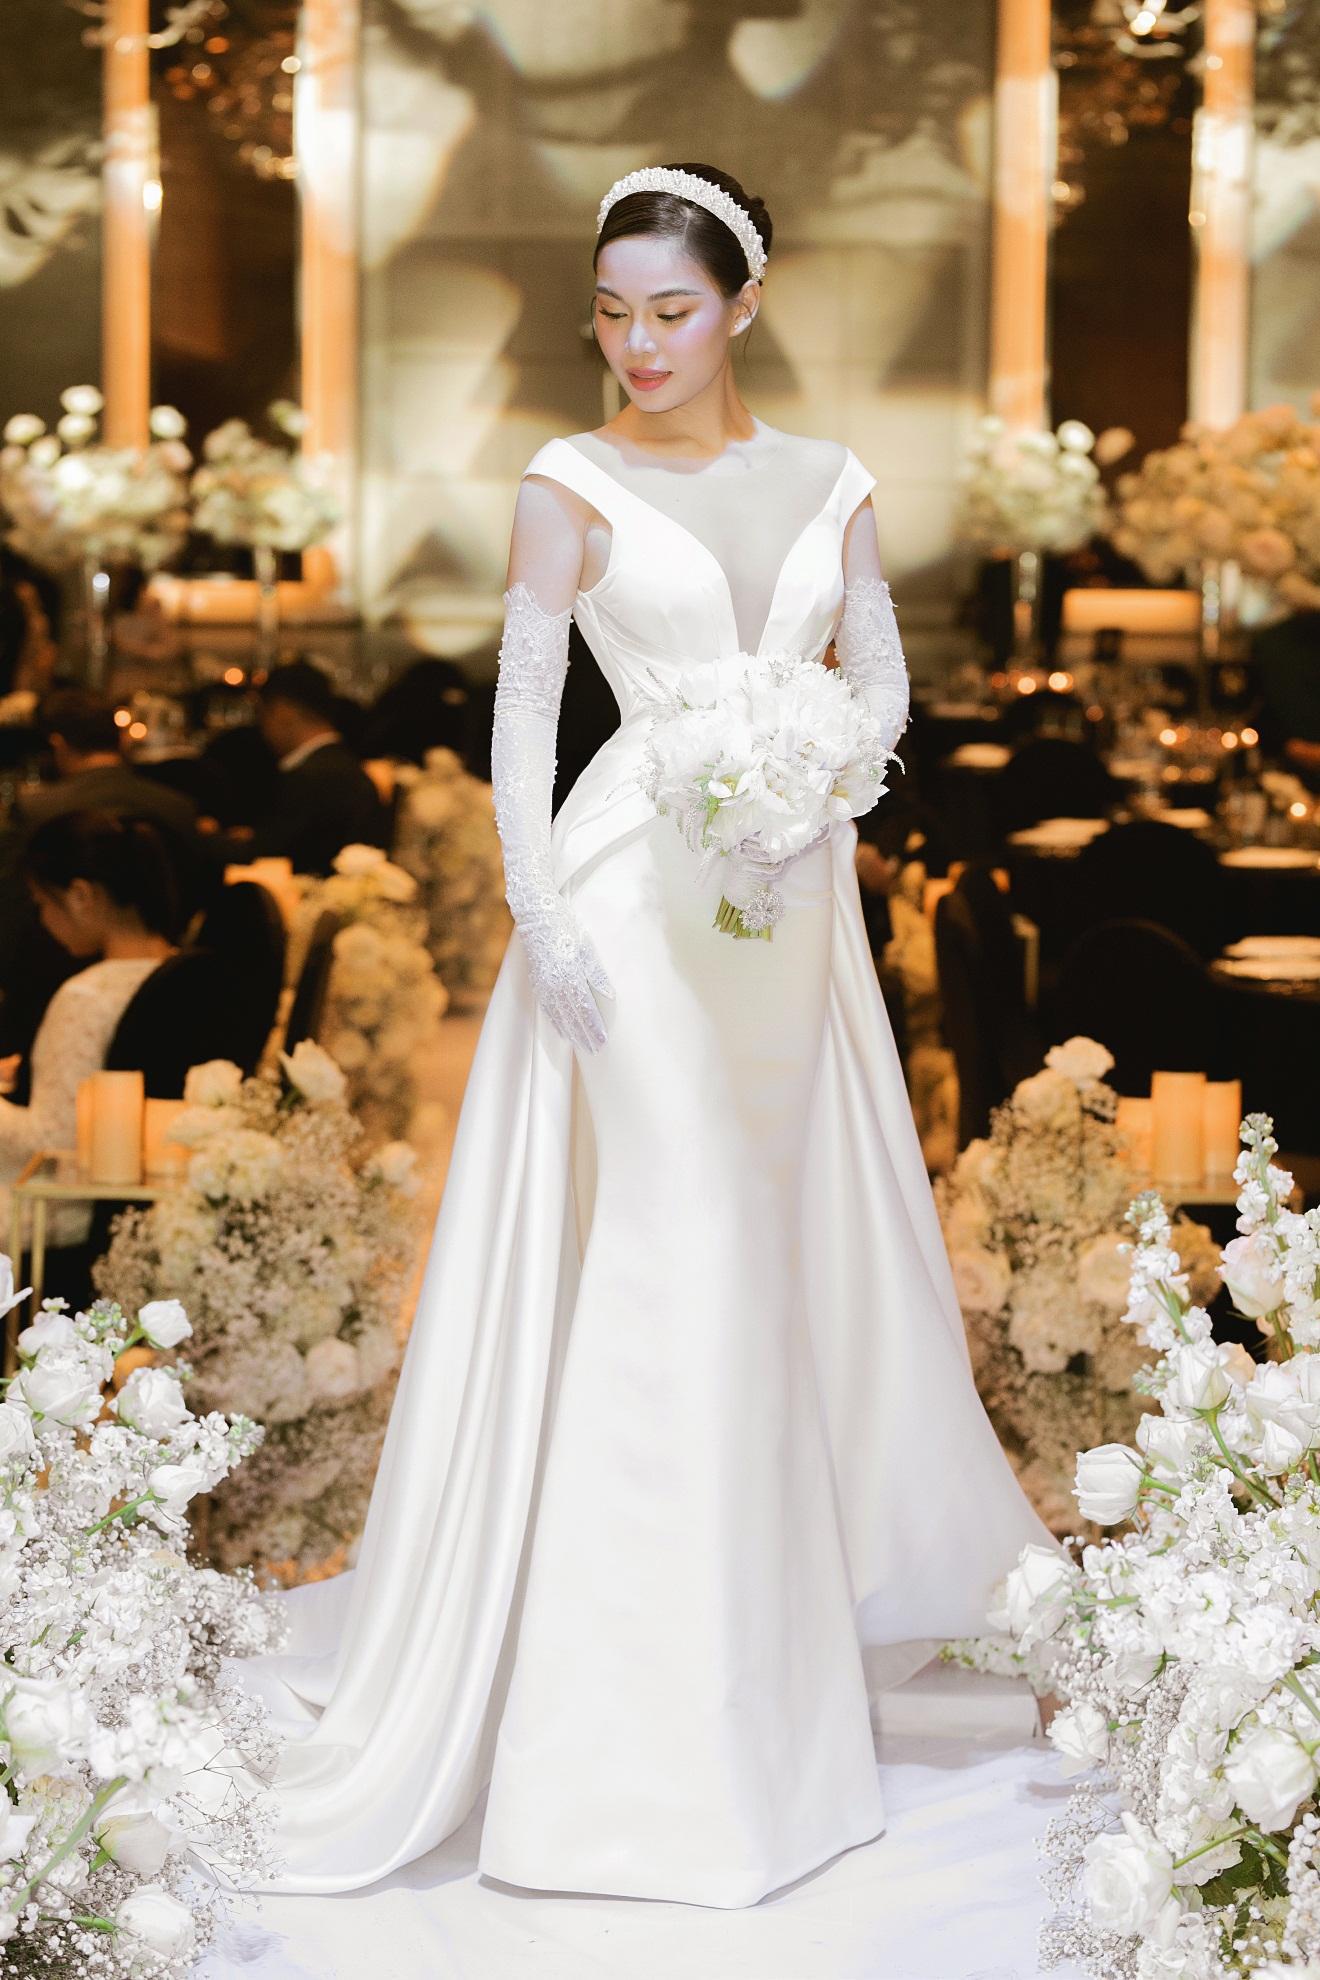 Ba mẫu váy cưới Hacchic Couture thực hiện cho Giang Hồng Ngọc kèm thông điệp ý nghĩa bất ngờ - Ảnh 1.